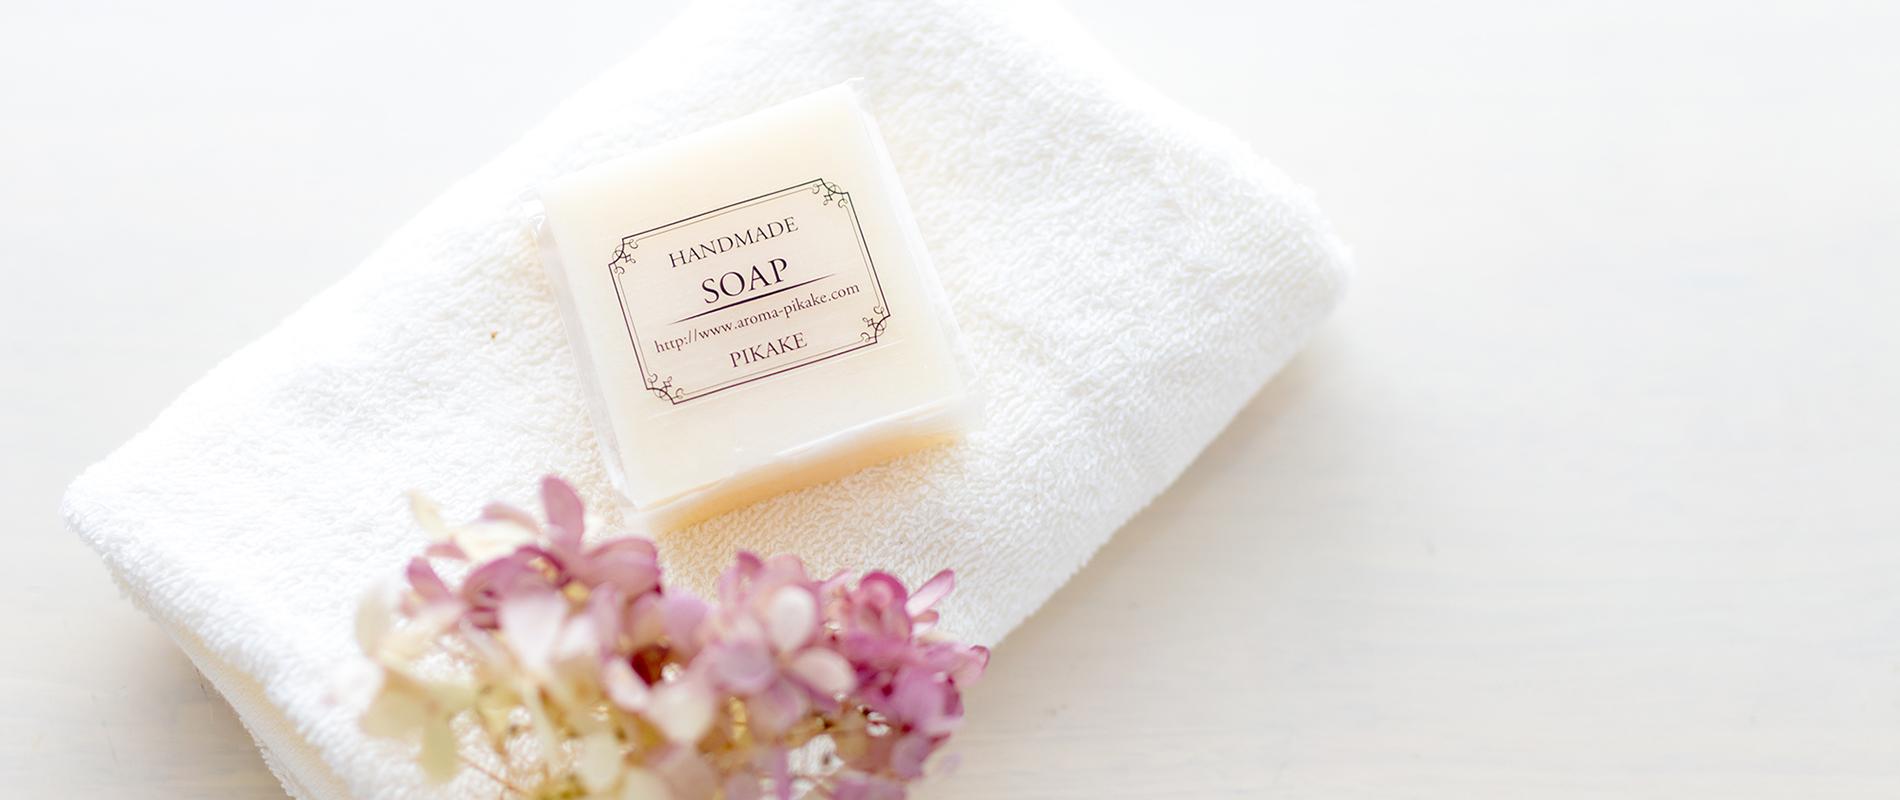 素材にこだわったシンプルな洗顔石けん